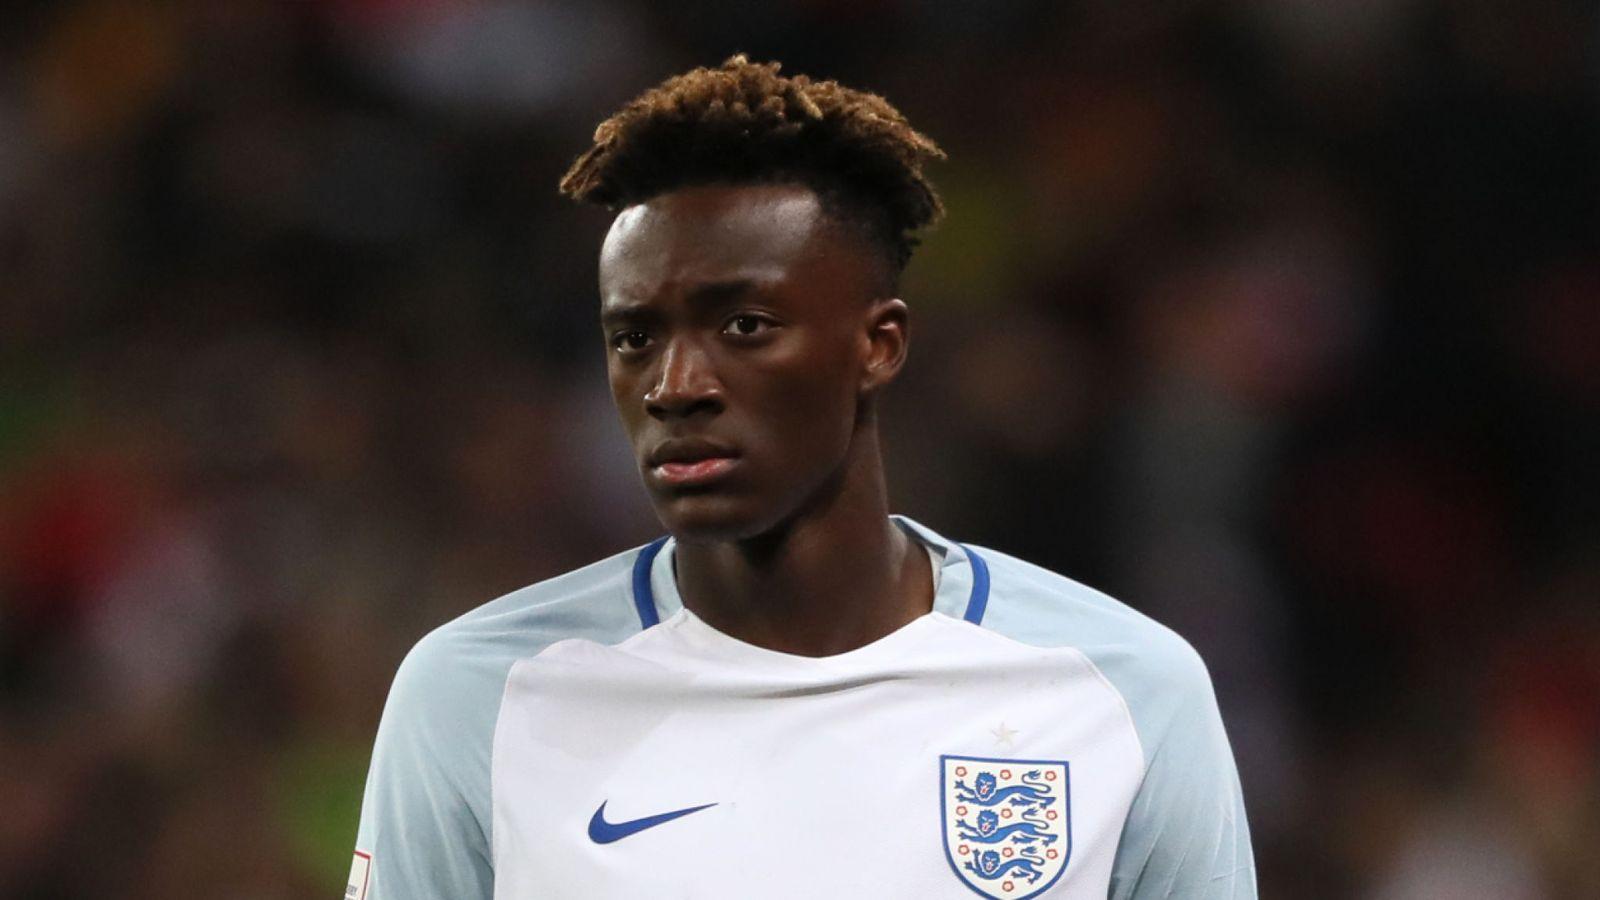 亚伯拉罕:尼日利亚仍是英格兰?我还没决定好呢